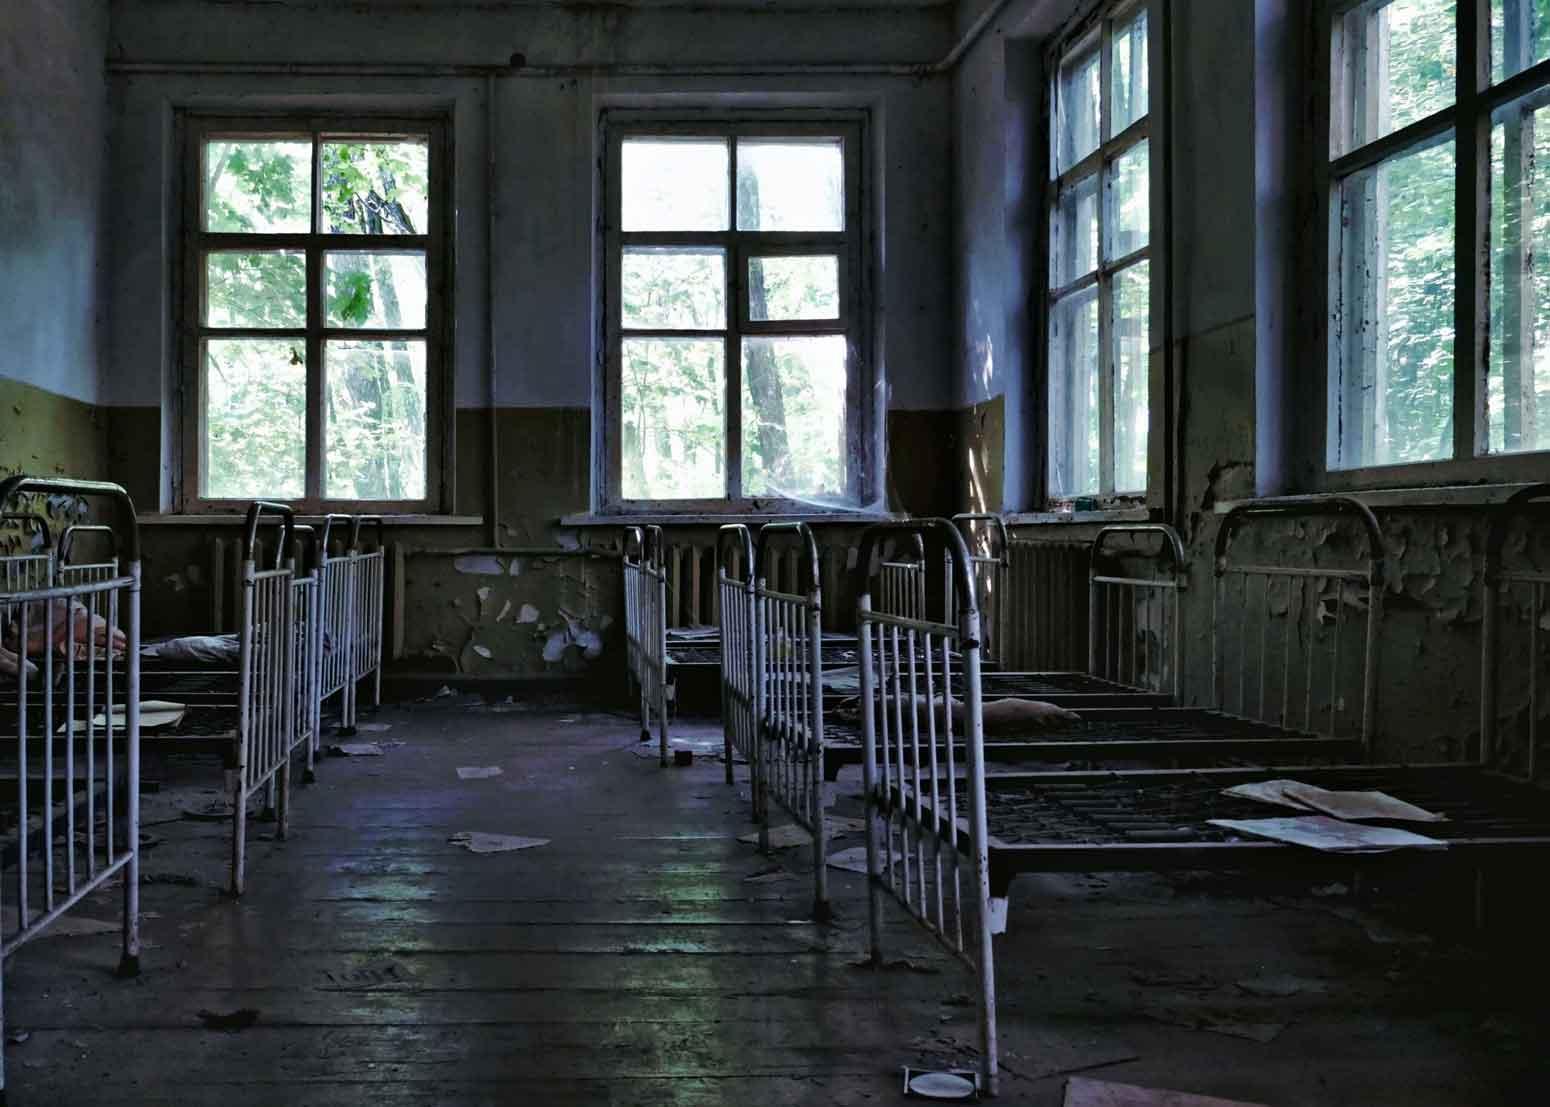 Екскурсія в Чорнобиль: кому сподобається подорож в світ постапокаліпсису?